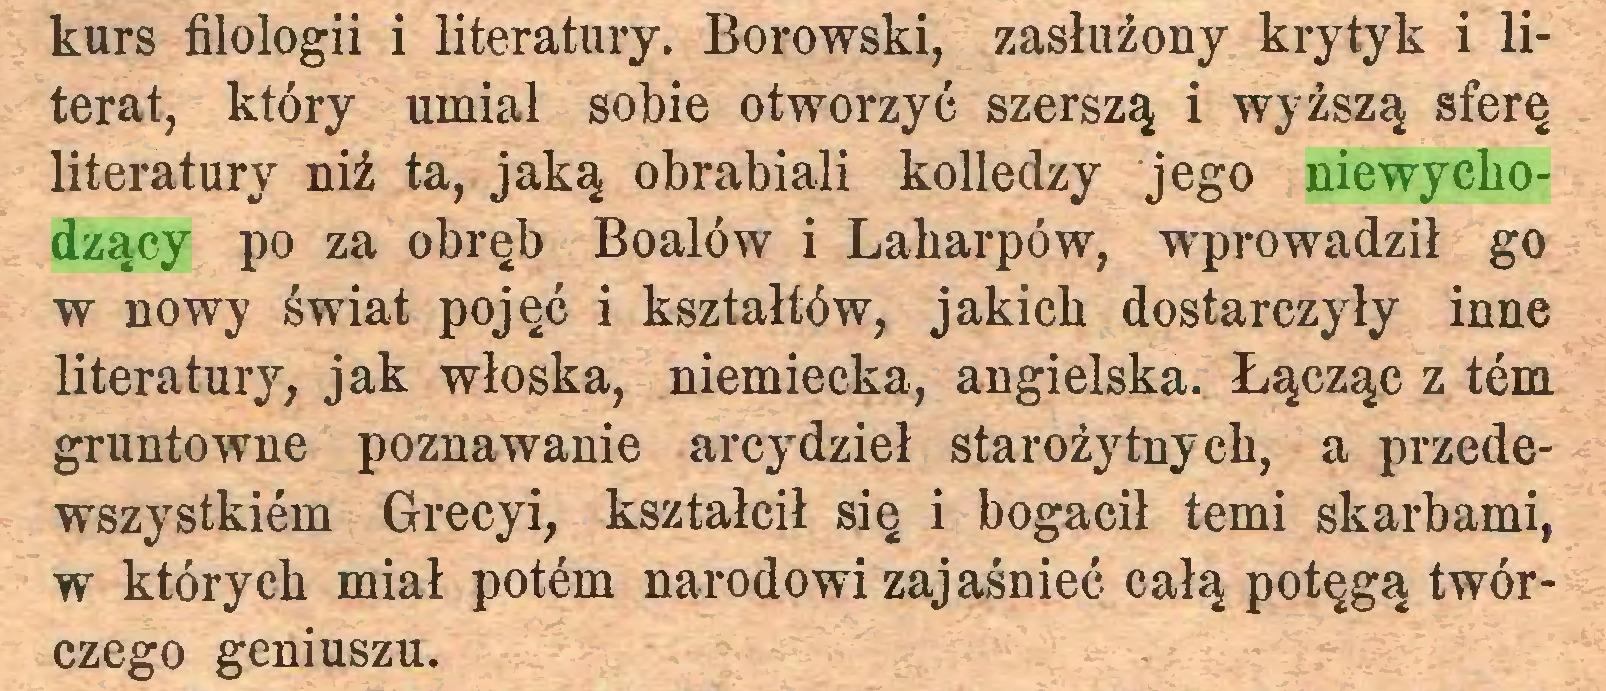 (...) kurs filologii i literatury. Borowski, zasłużony krytyk i literat, który umiał sobie otworzyć szerszą i wyższą sferę literatury niż ta, jaką obrabiali kolledzy jego niewychodzący po za obręb Boalów i Laharpów, wprowadził go w nowy świat pojęć i kształtów, jakich dostarczyły inne literatury, jak włoska, niemiecka, angielska. Łącząc z tern gruntowne poznawanie arcydzieł starożytnych, a przedewszystkiem Greeyi, kształcił się i bogacił temi skarbami, w których miał potem narodowi zajaśnieć całą potęgą twórczego geniuszu...